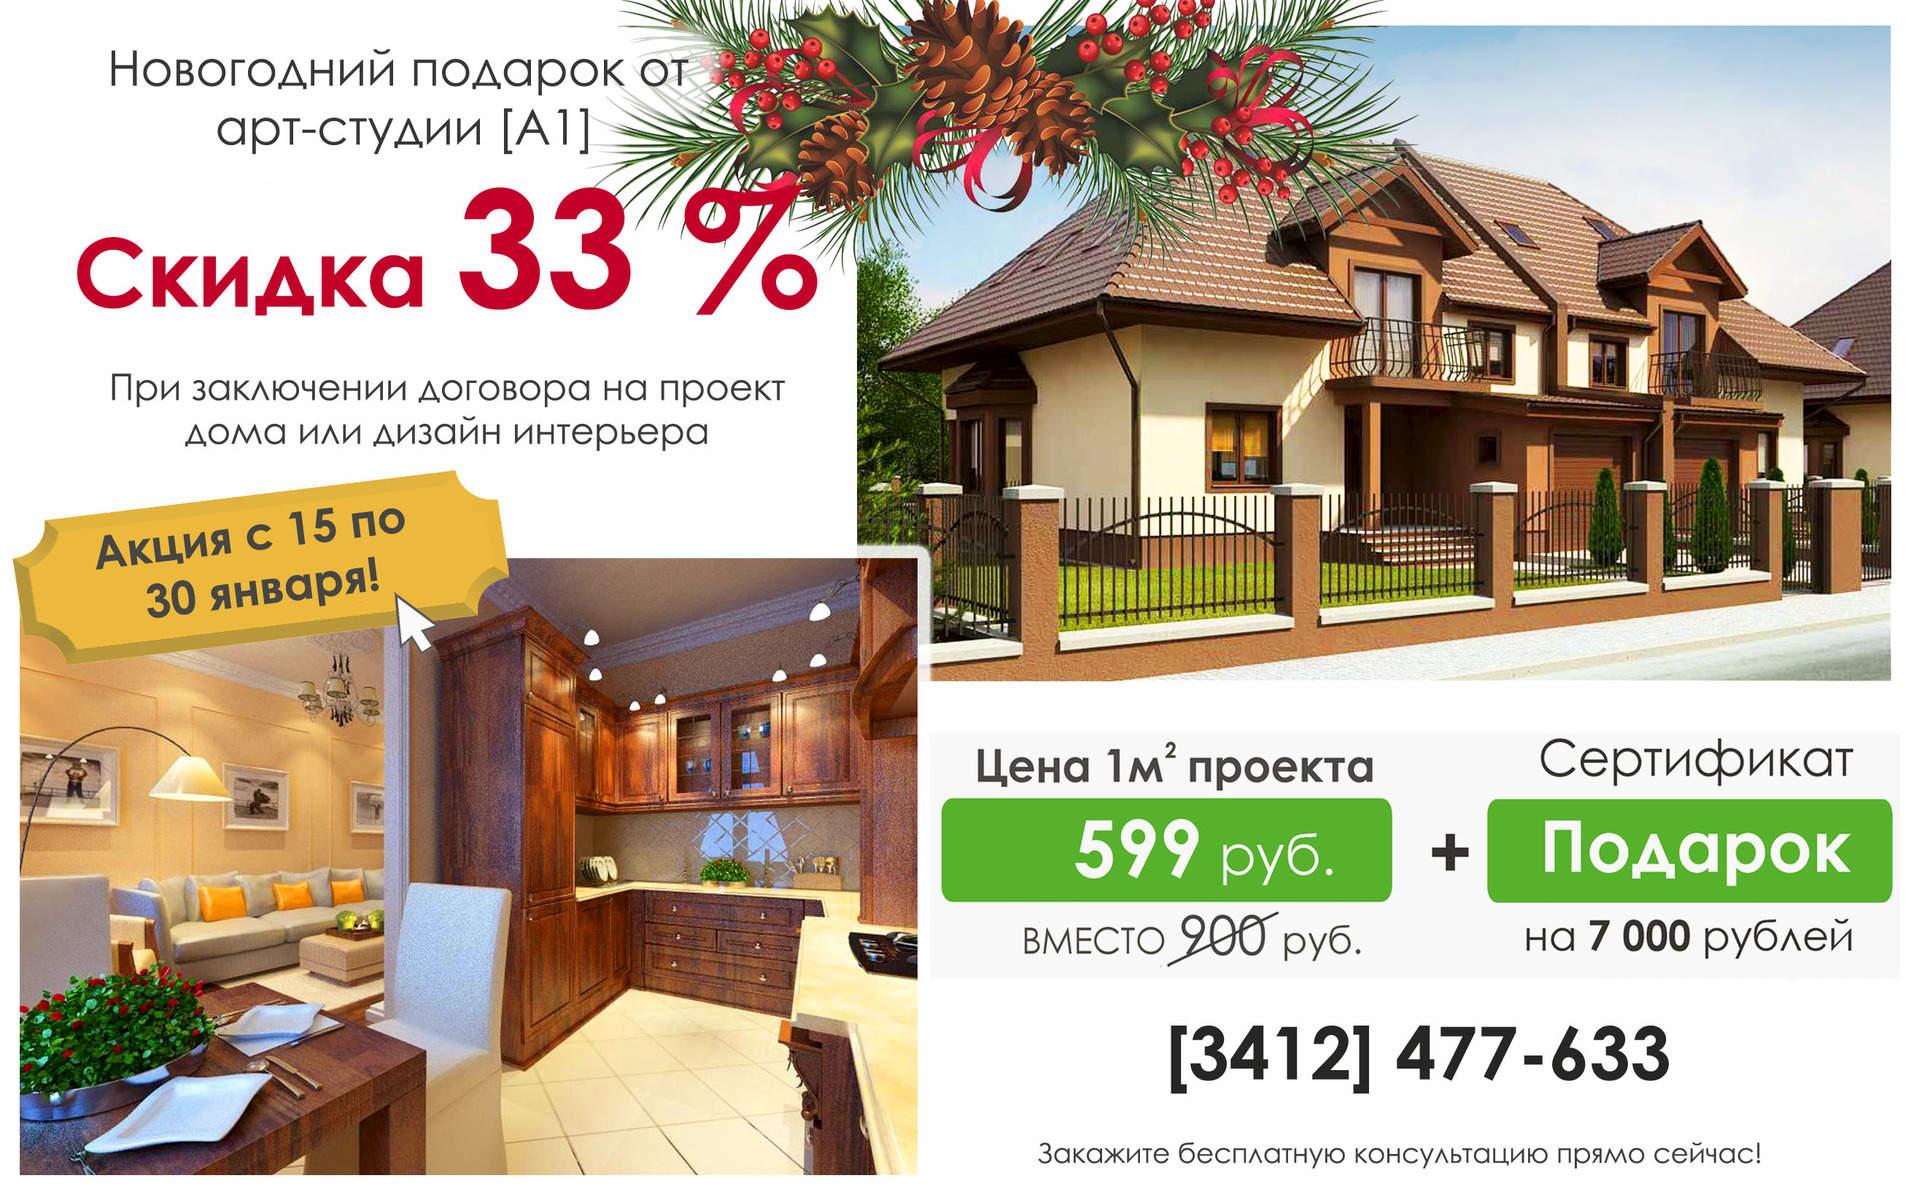 Дизайн и ремонт квартир под ключ в Москве. Проект 27